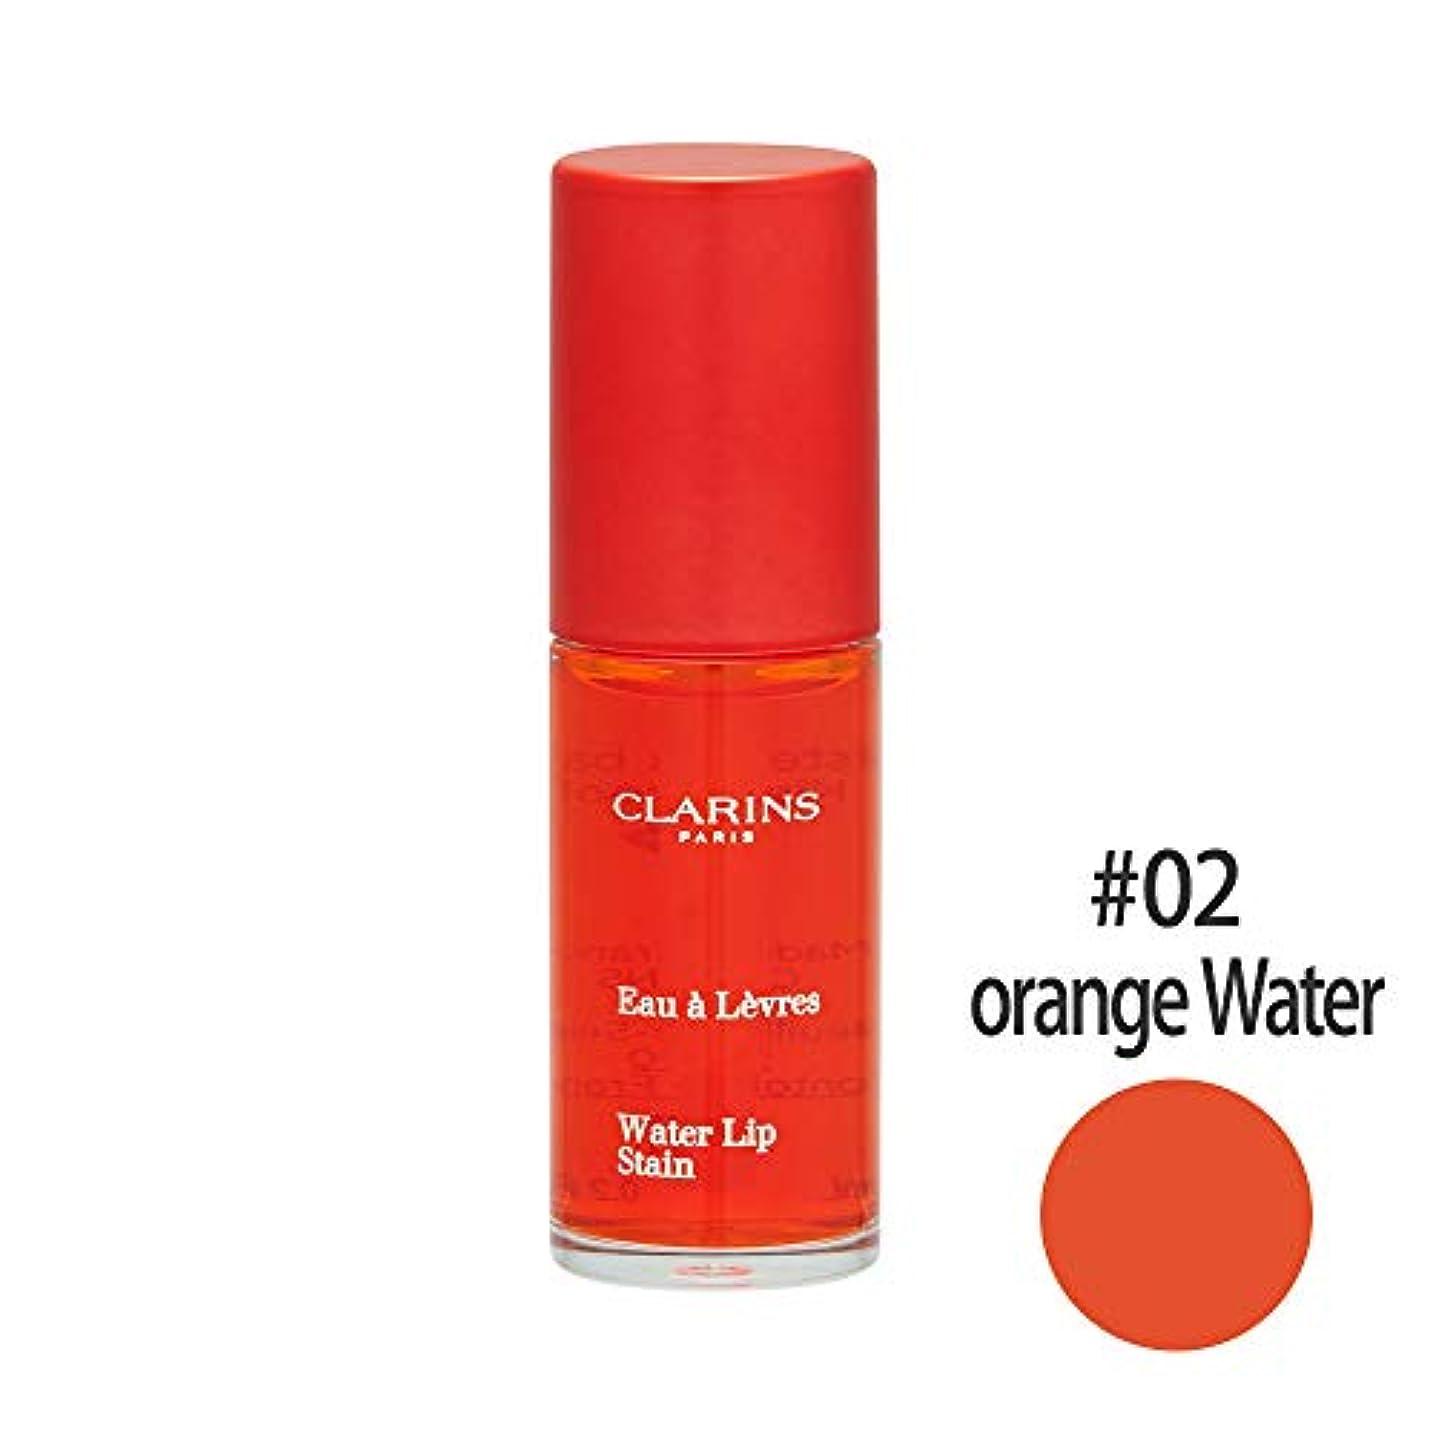 【クラランス】ウォーター リップステイン #02 オレンジウォーター 7ml [並行輸入品]